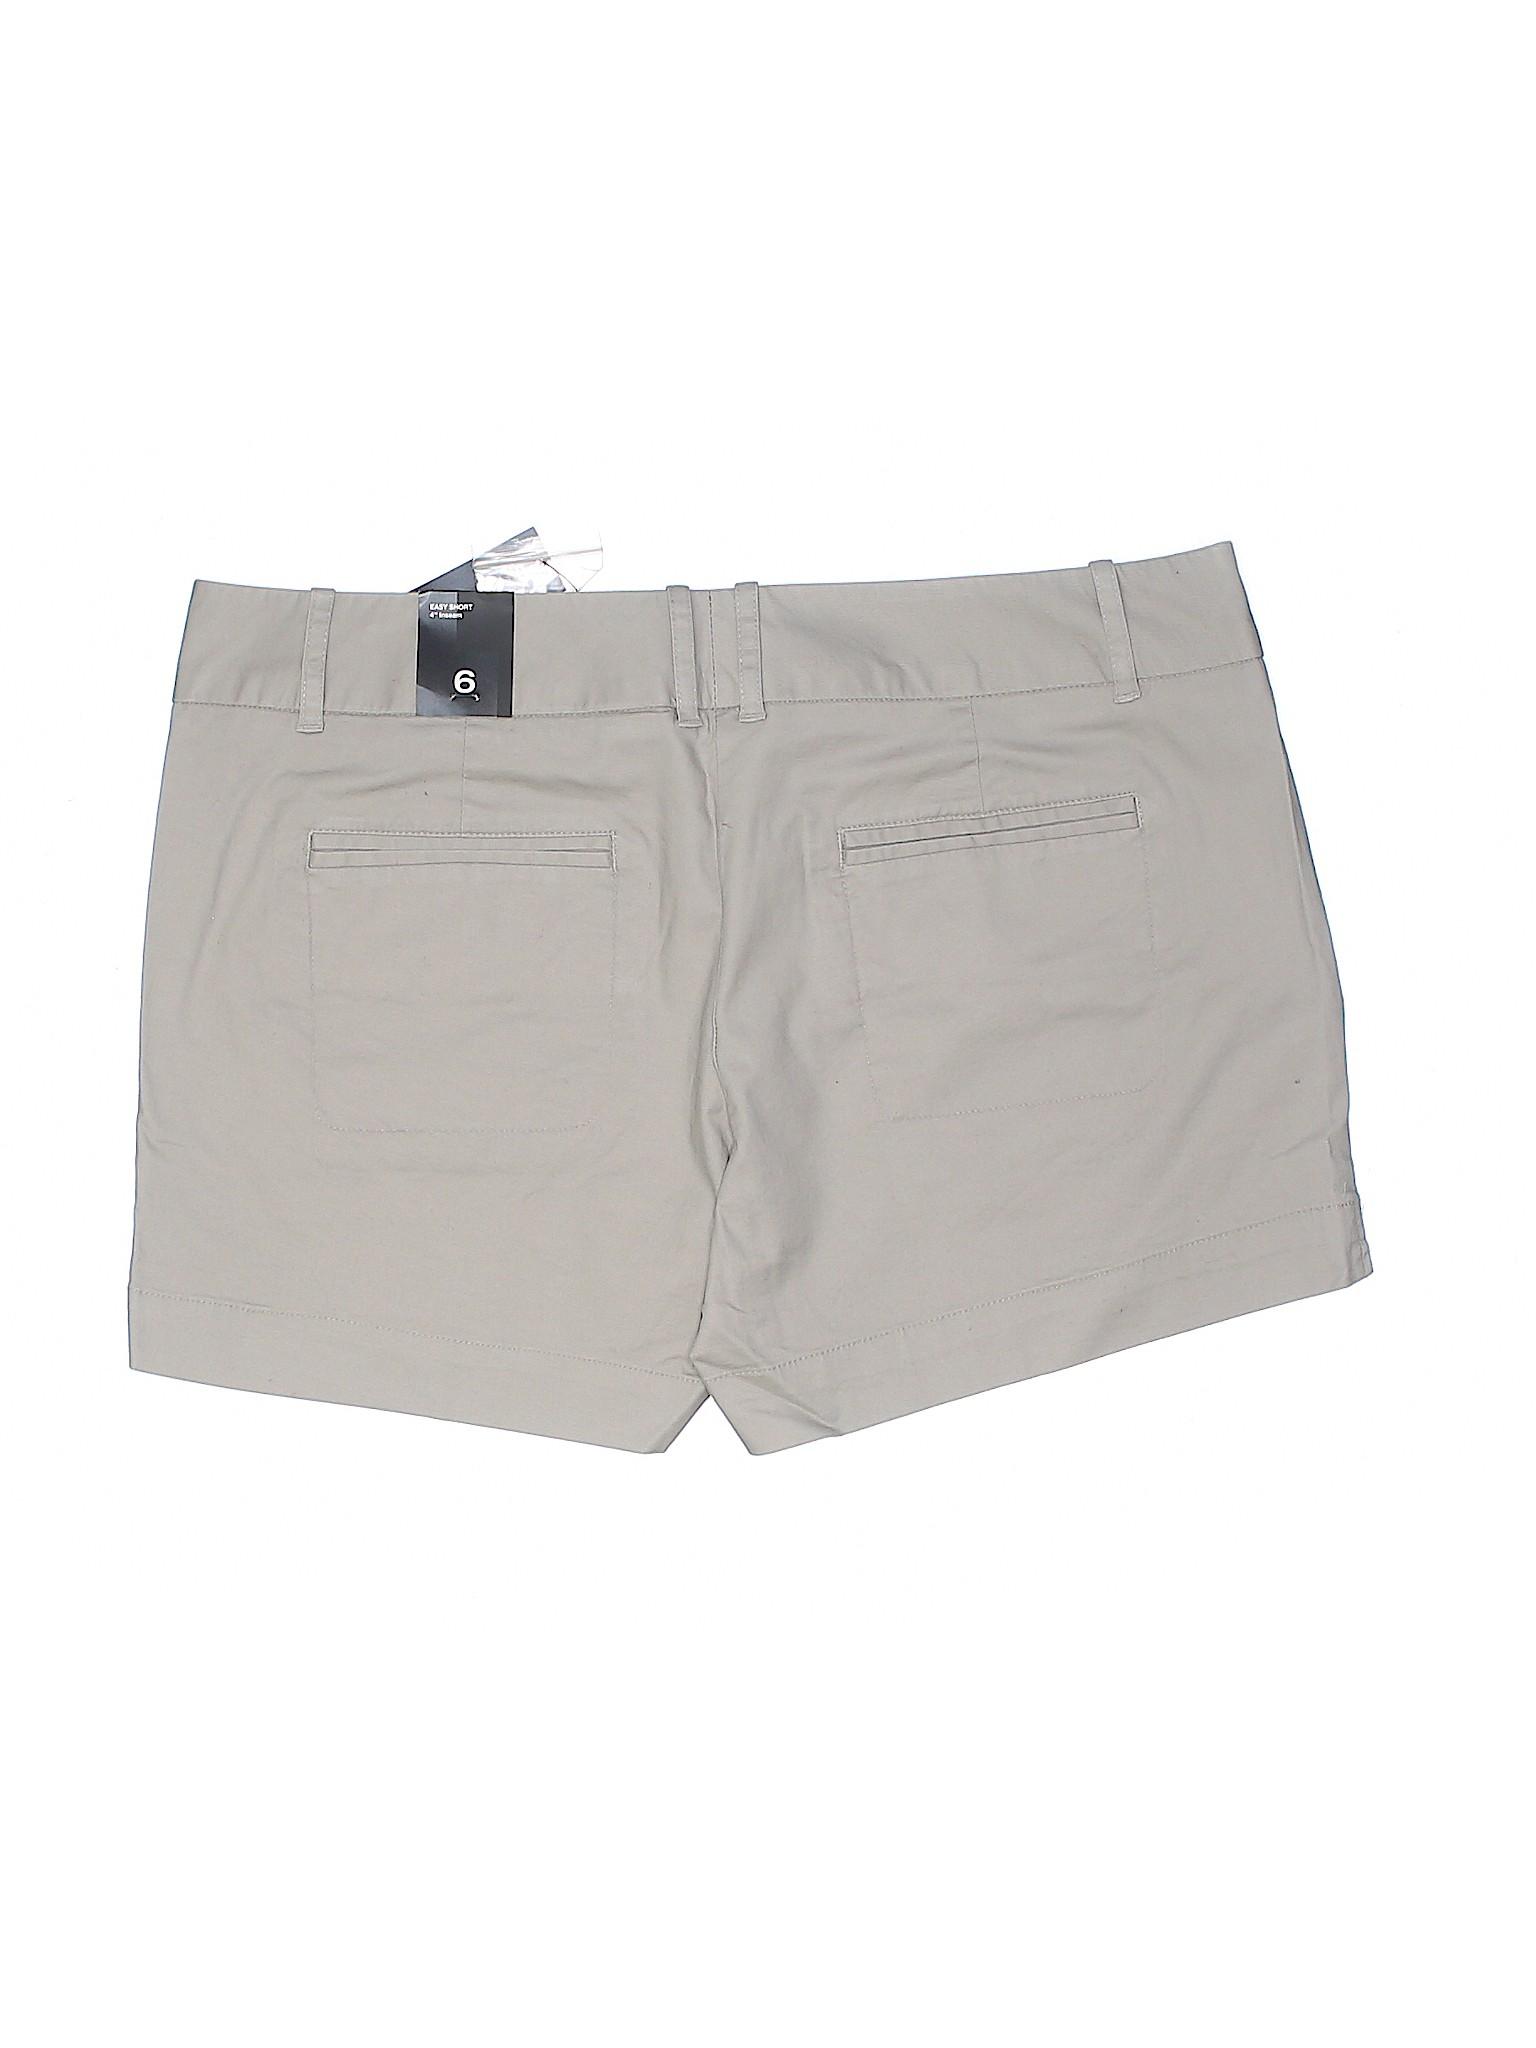 Boutique Khaki Shorts The Limited Boutique The Limited Khaki T7qvtt